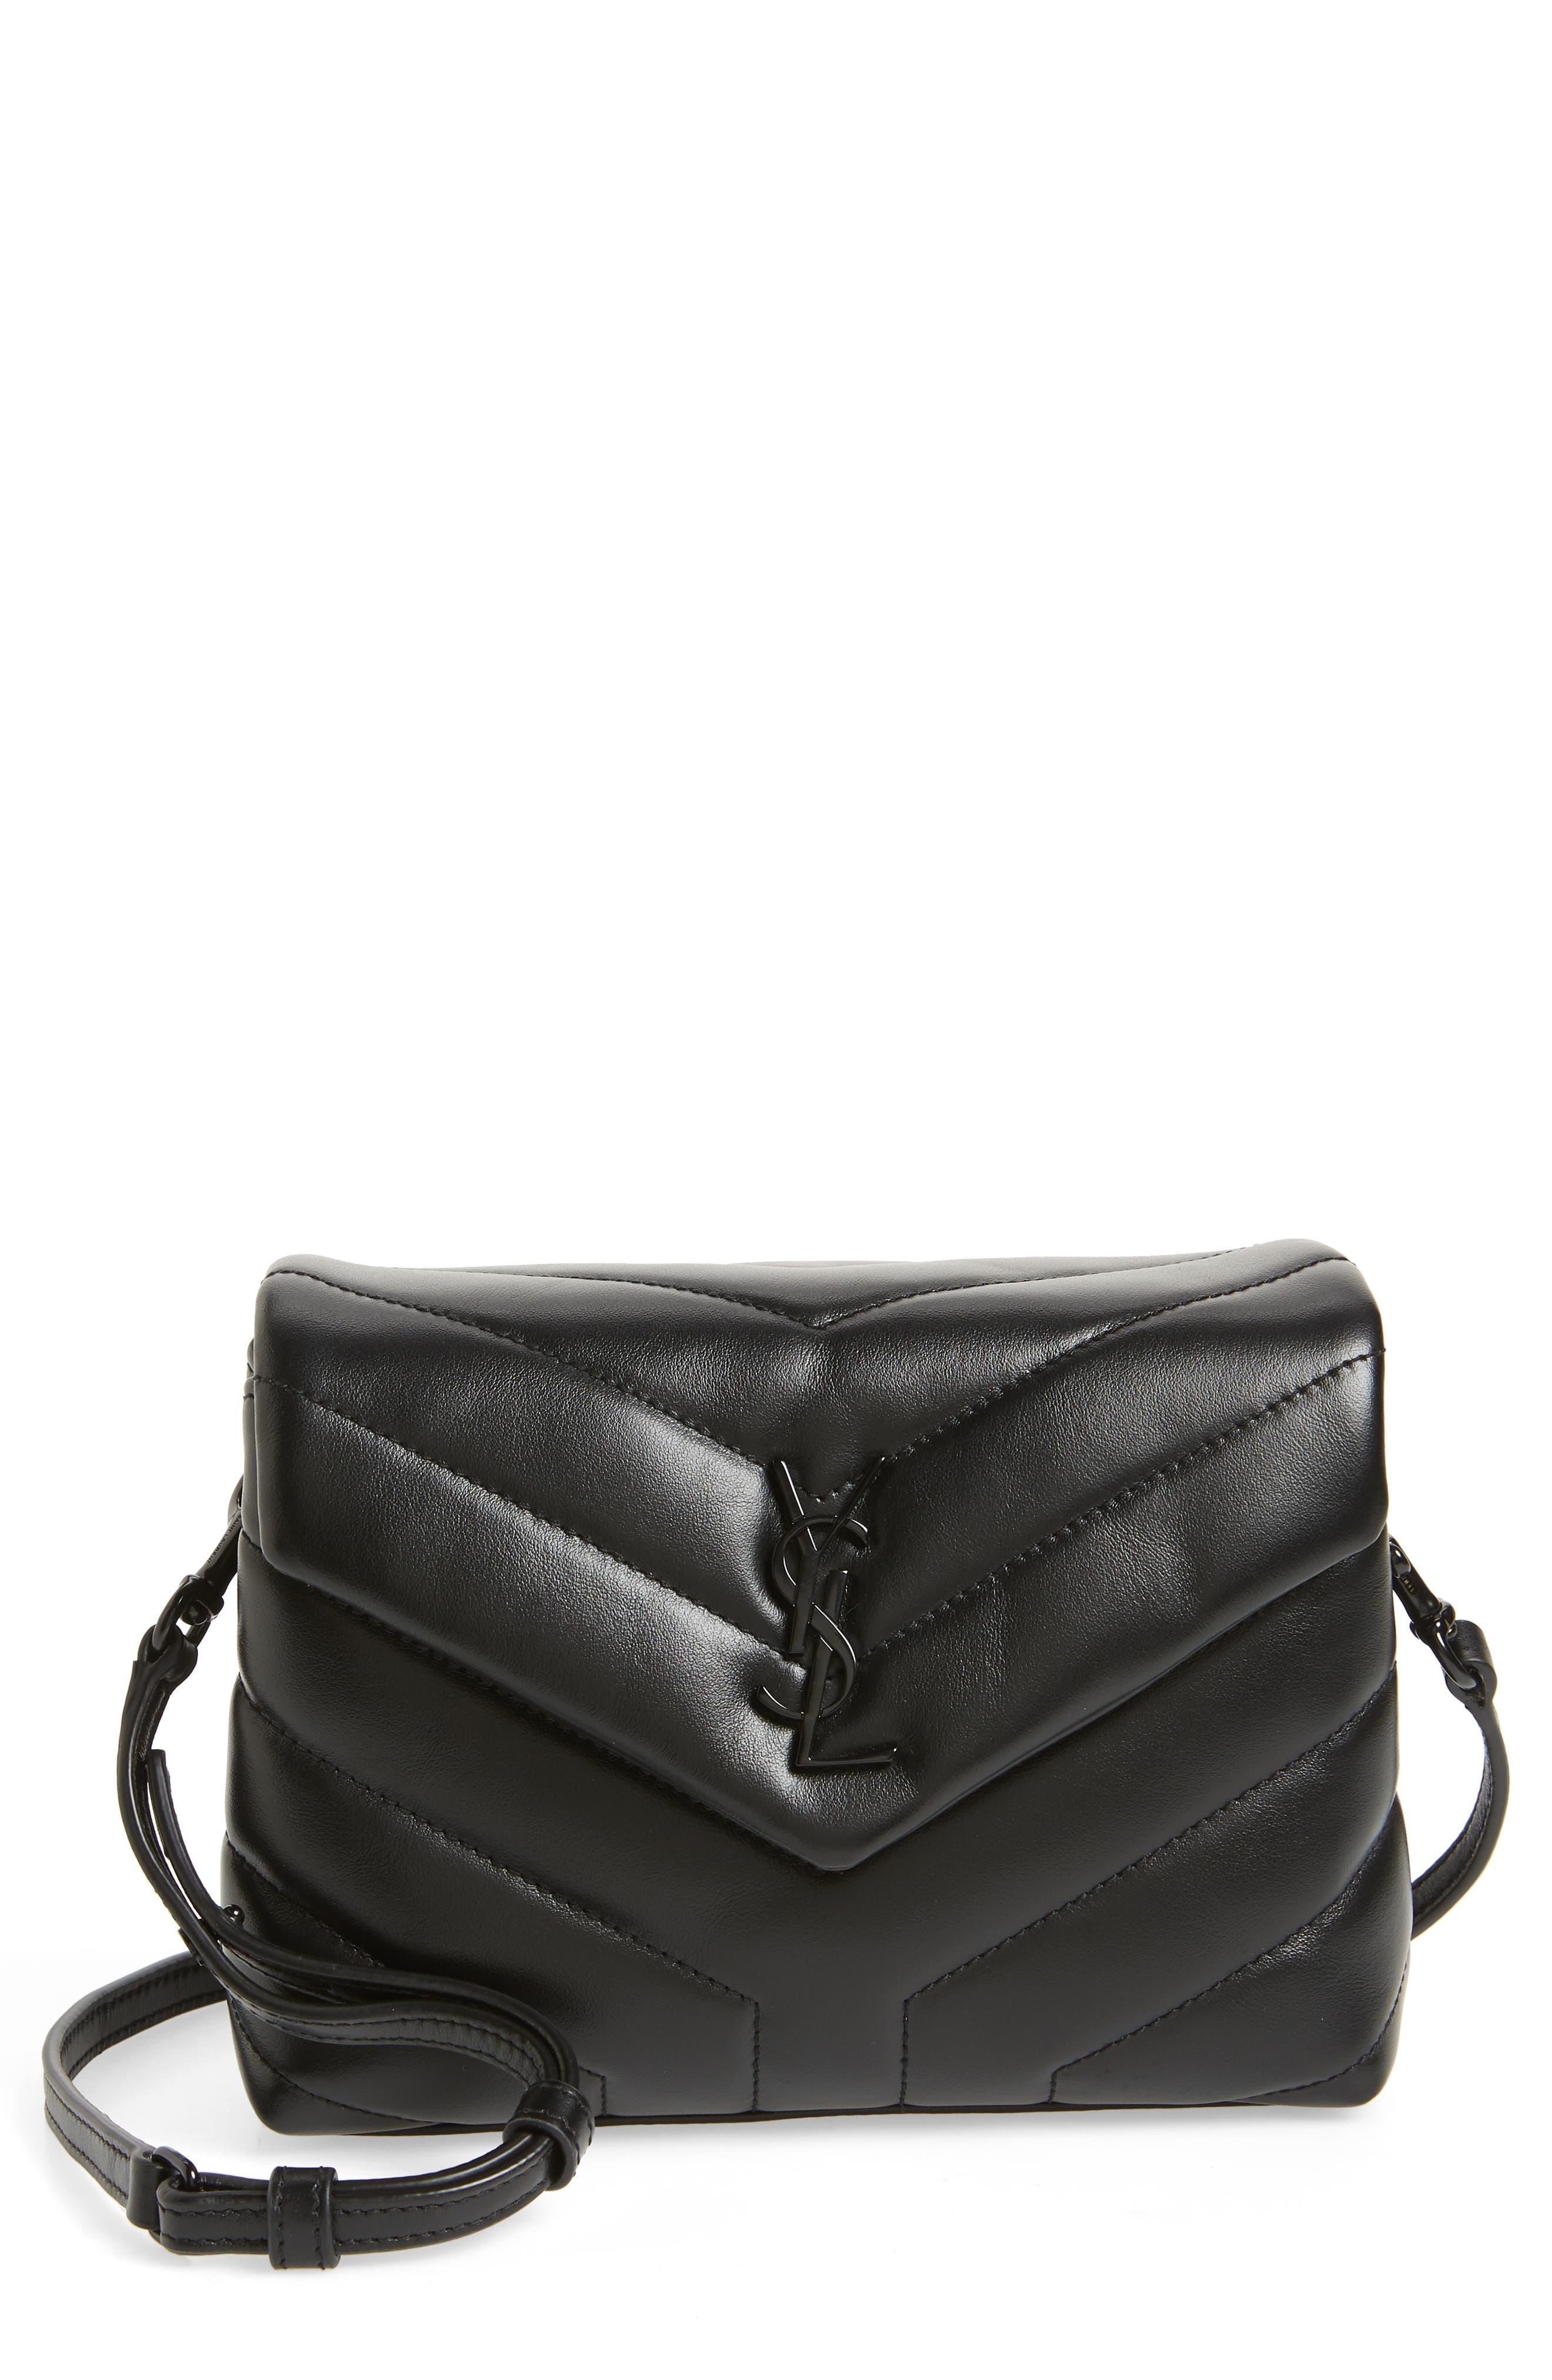 SAINT LAURENT, Toy Loulou Leather Crossbody Bag, Main thumbnail 1, color, 001